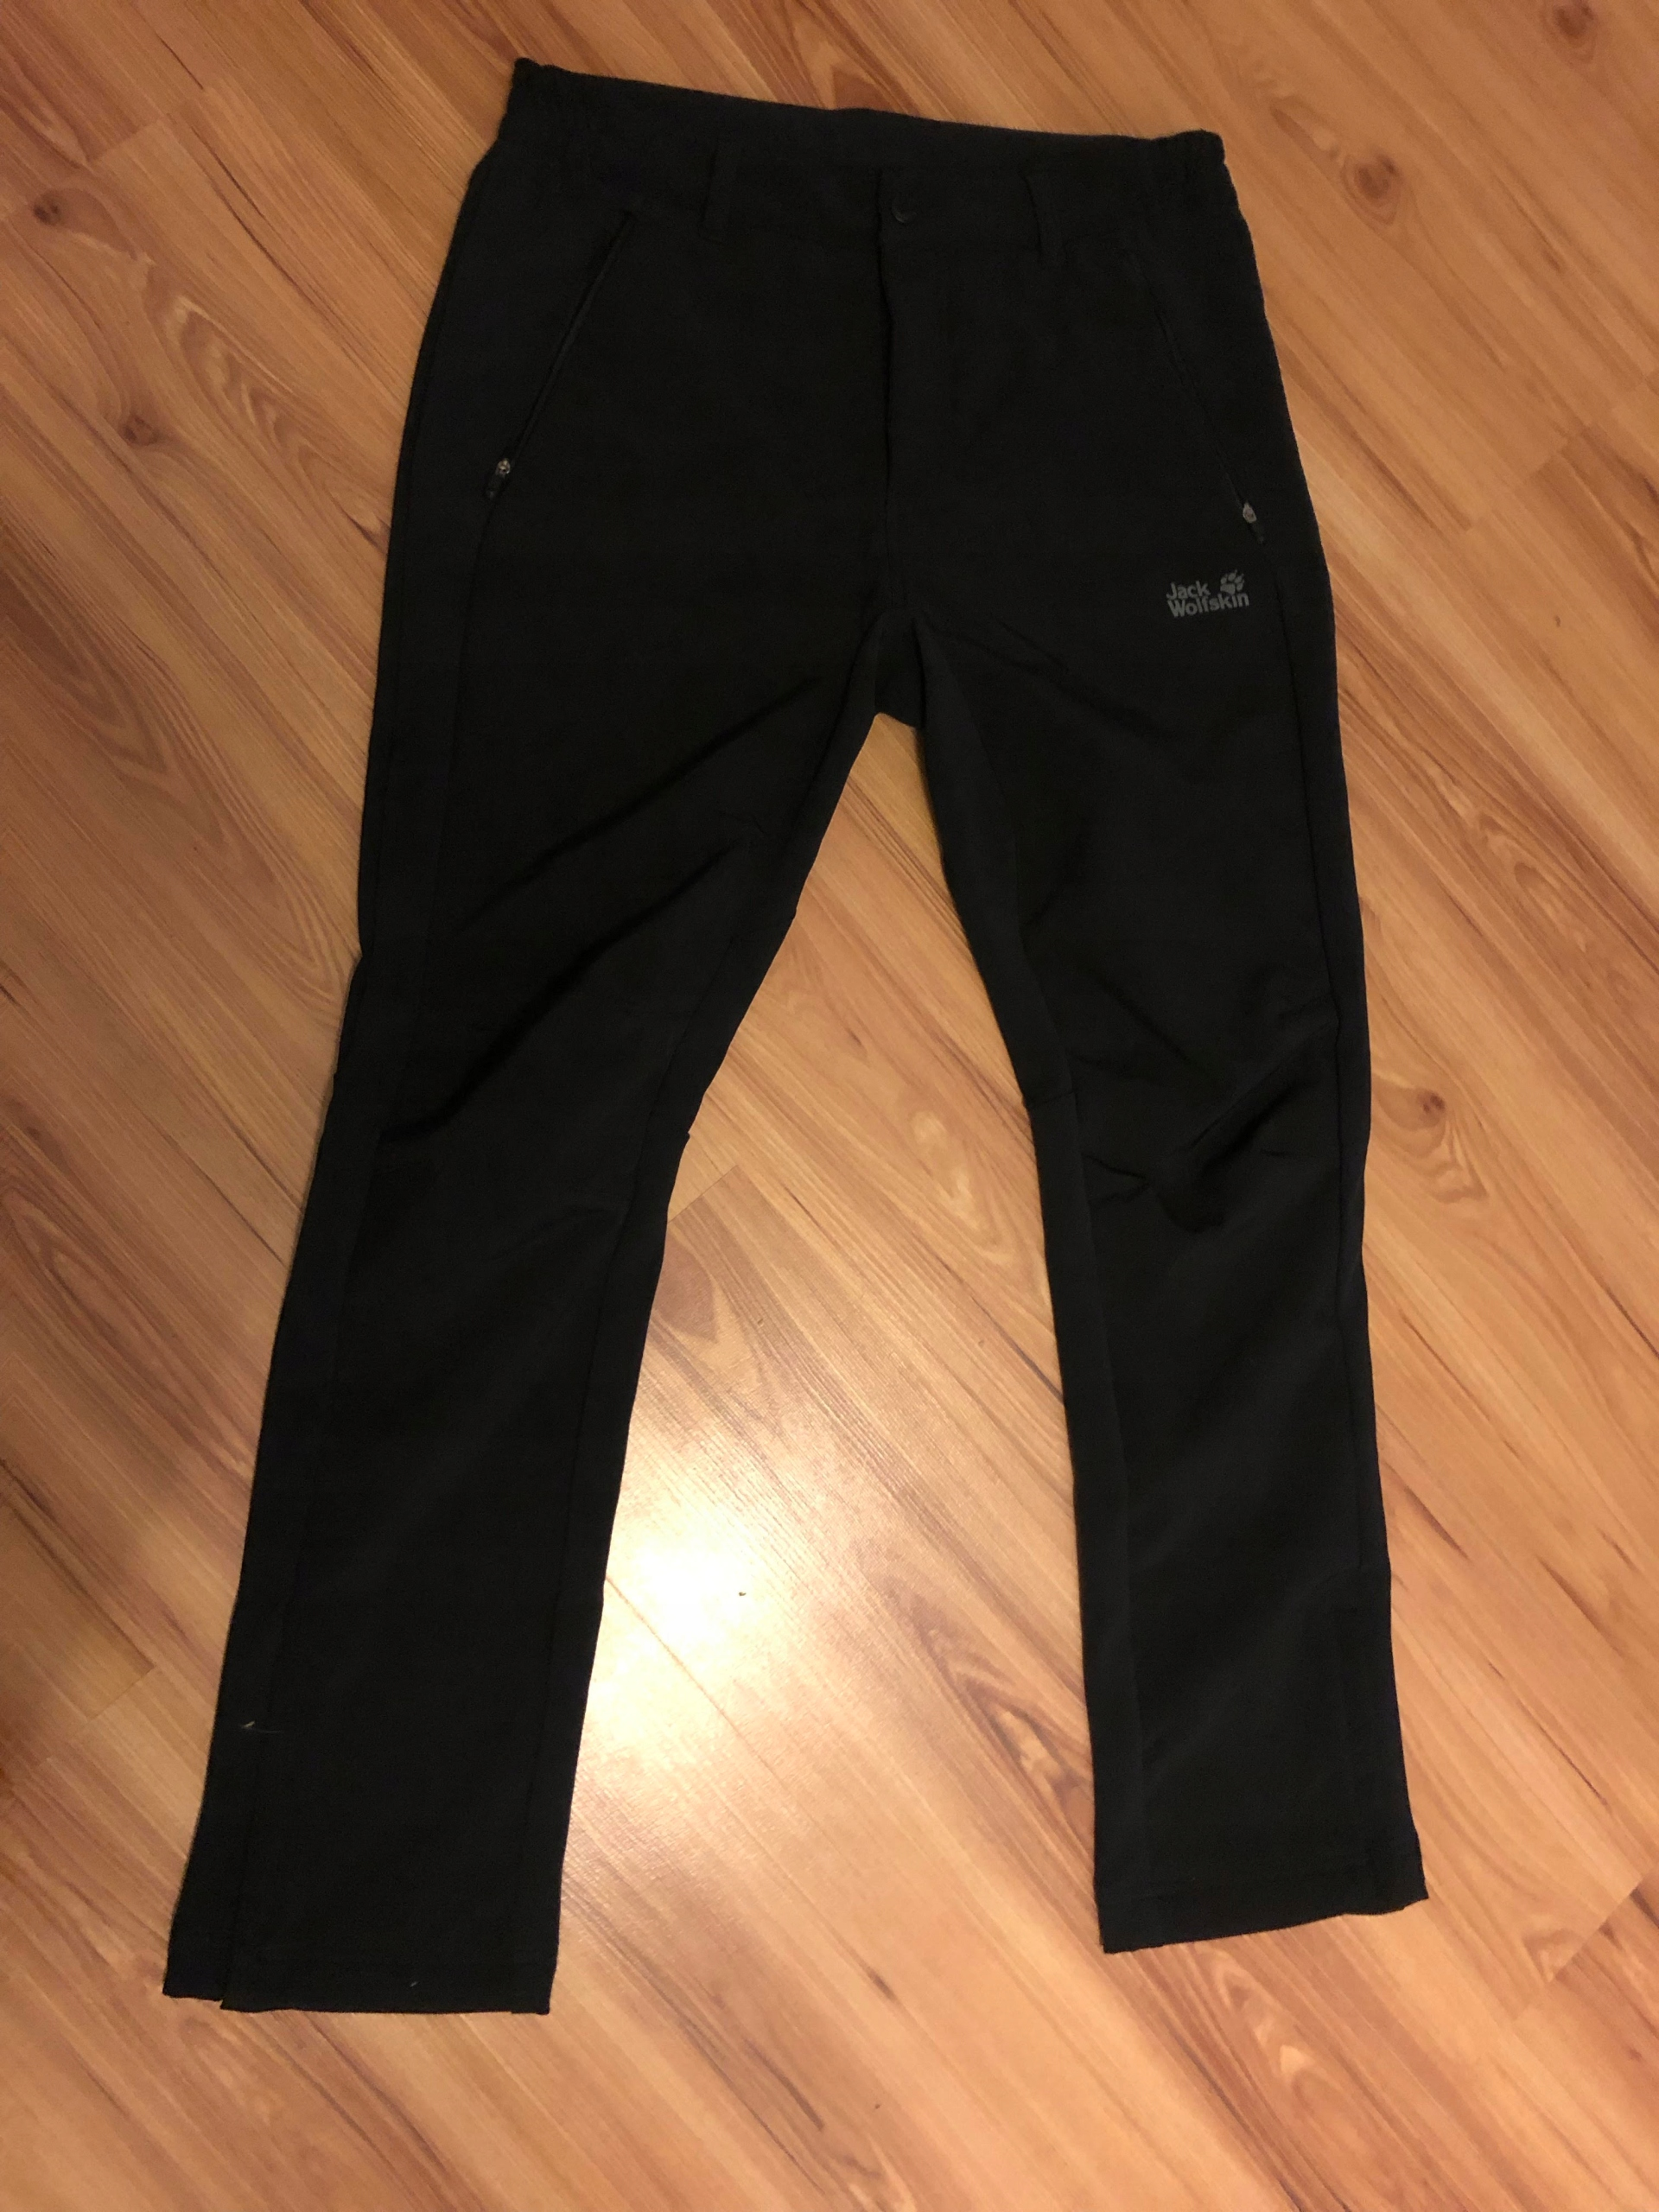 Jack Wolfskin spodnie softshell męskie 52 nowe BCM